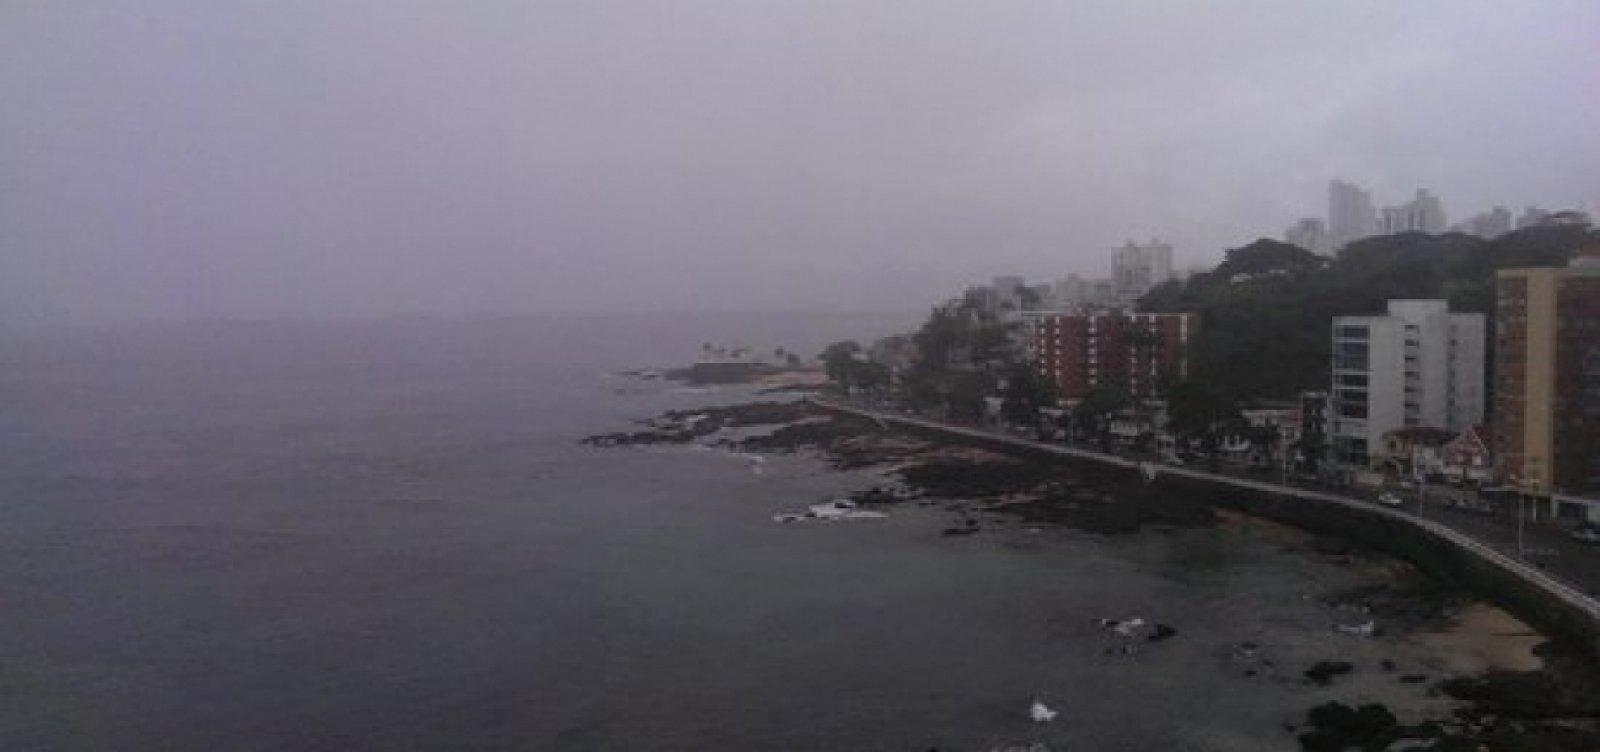 [Marinha emite alerta de mau tempo com ventos fortes e possível ressaca no litoral da Bahia]